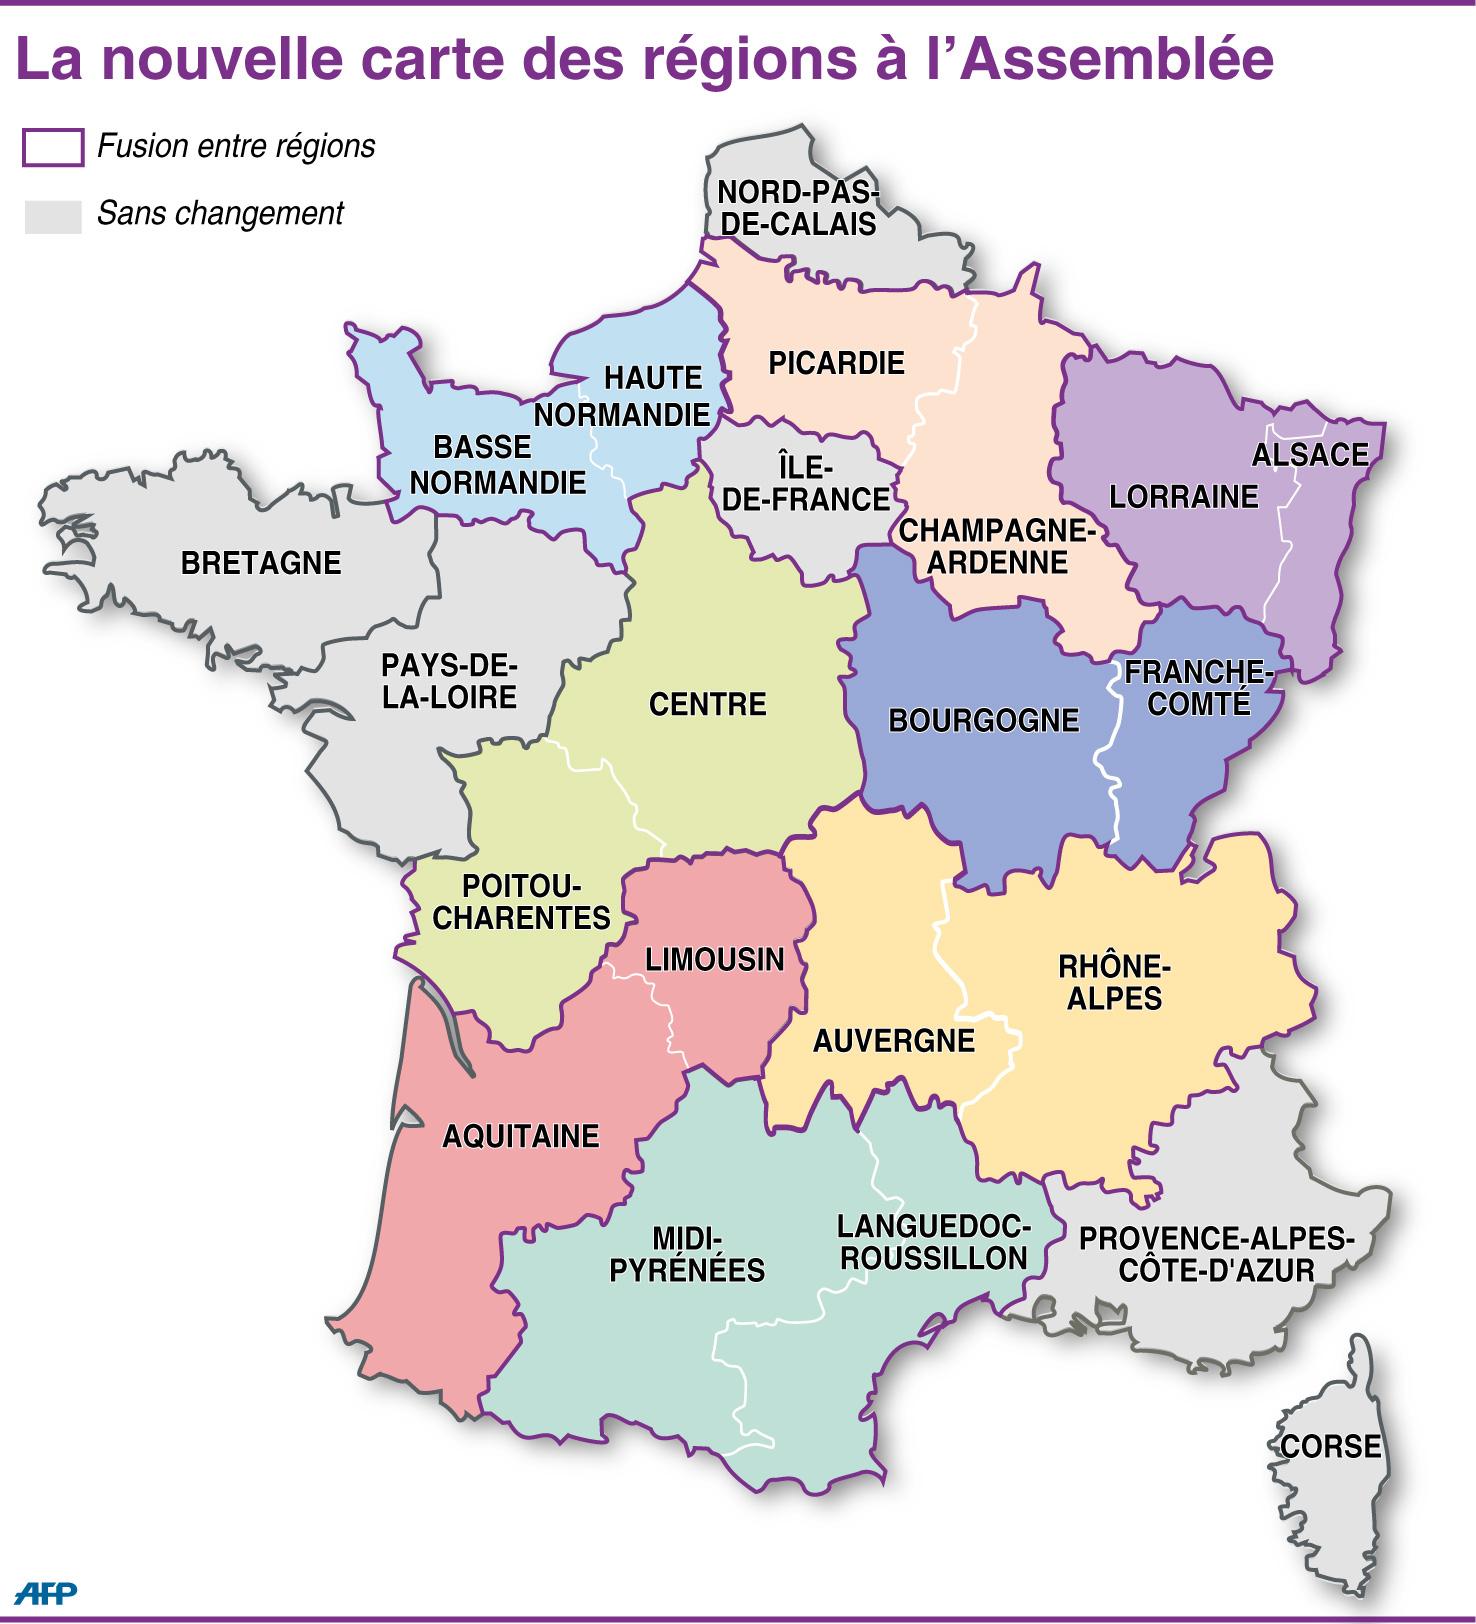 Réforme Territoriale : Les Députés Cherchent Le Consensus concernant Carte Nouvelle Région France